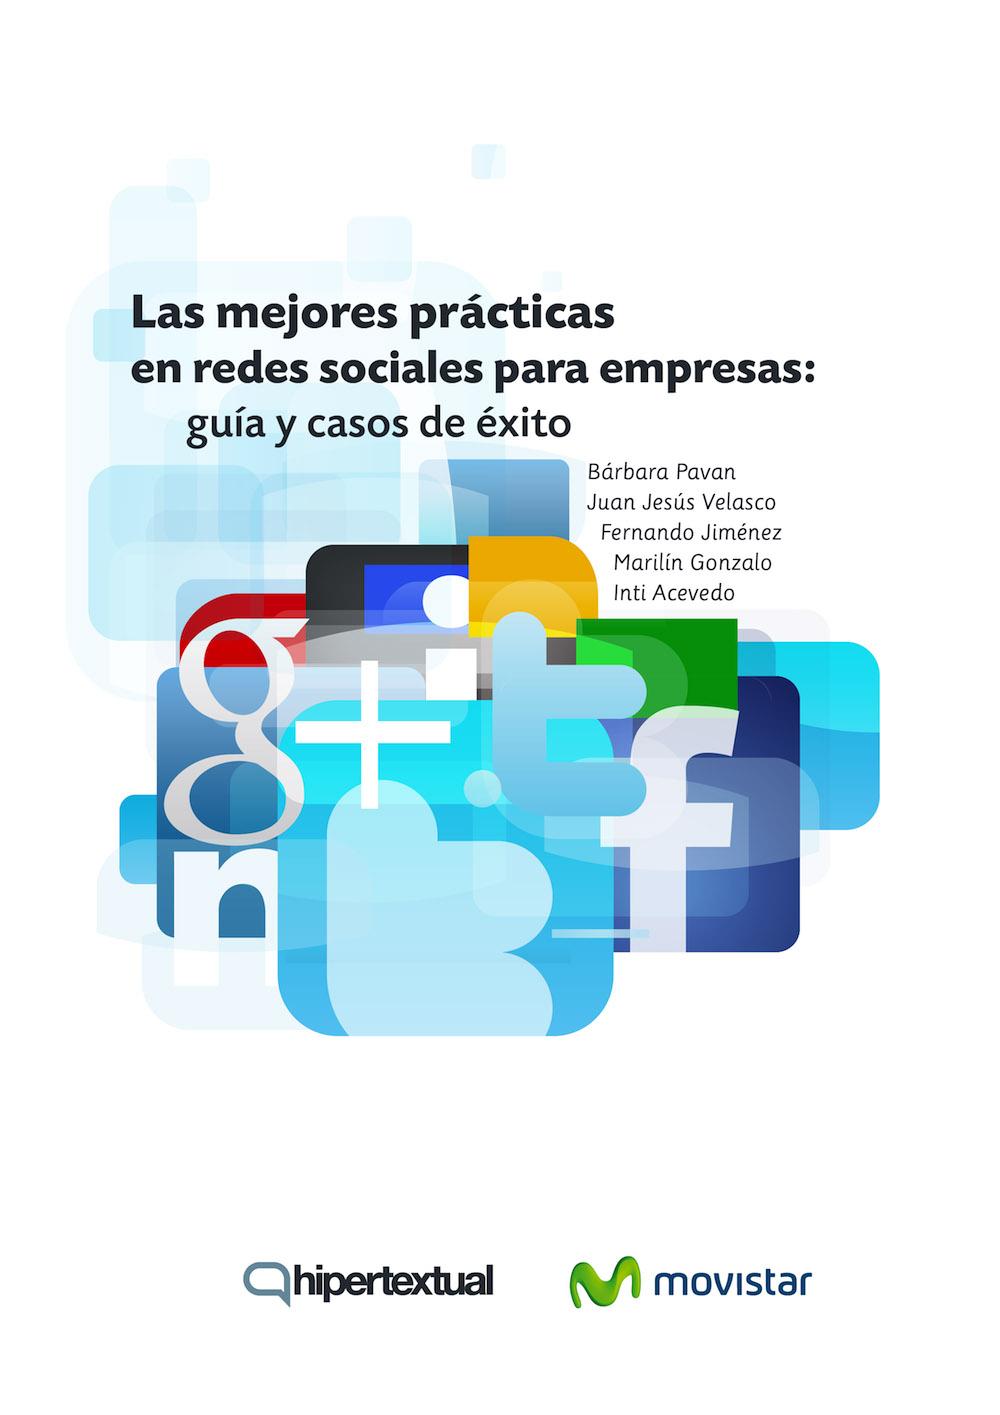 Las mejores prácticas en redes sociales para empresas: guía y casos de éxito